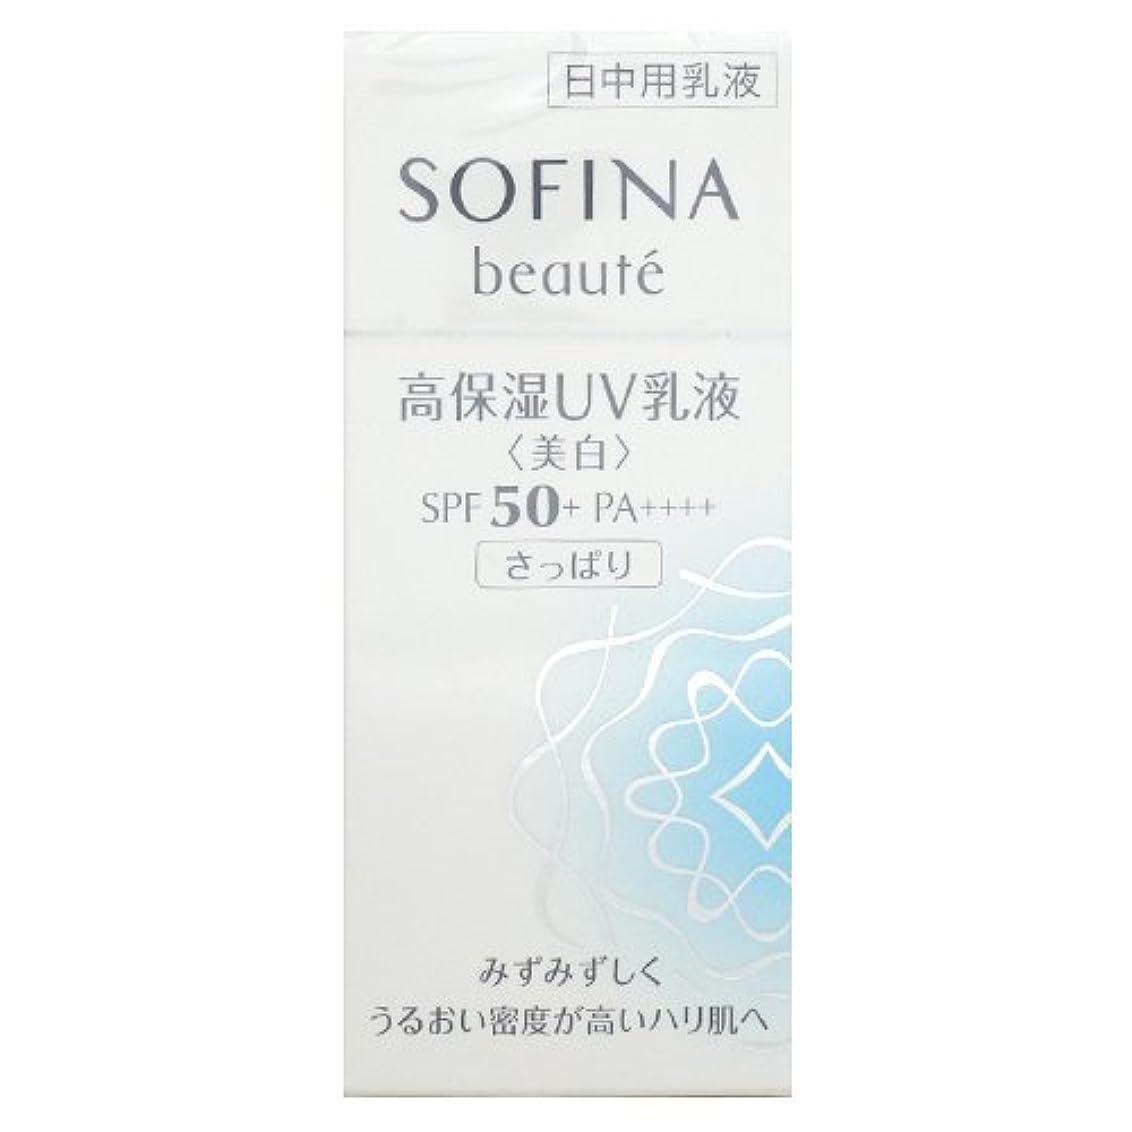 倒錯ジョグうねる花王 ソフィーナ ボーテ SOFINA beaute 高保湿UV乳液 美白 SPF50+ PA++++ さっぱり 30mL [並行輸入品]